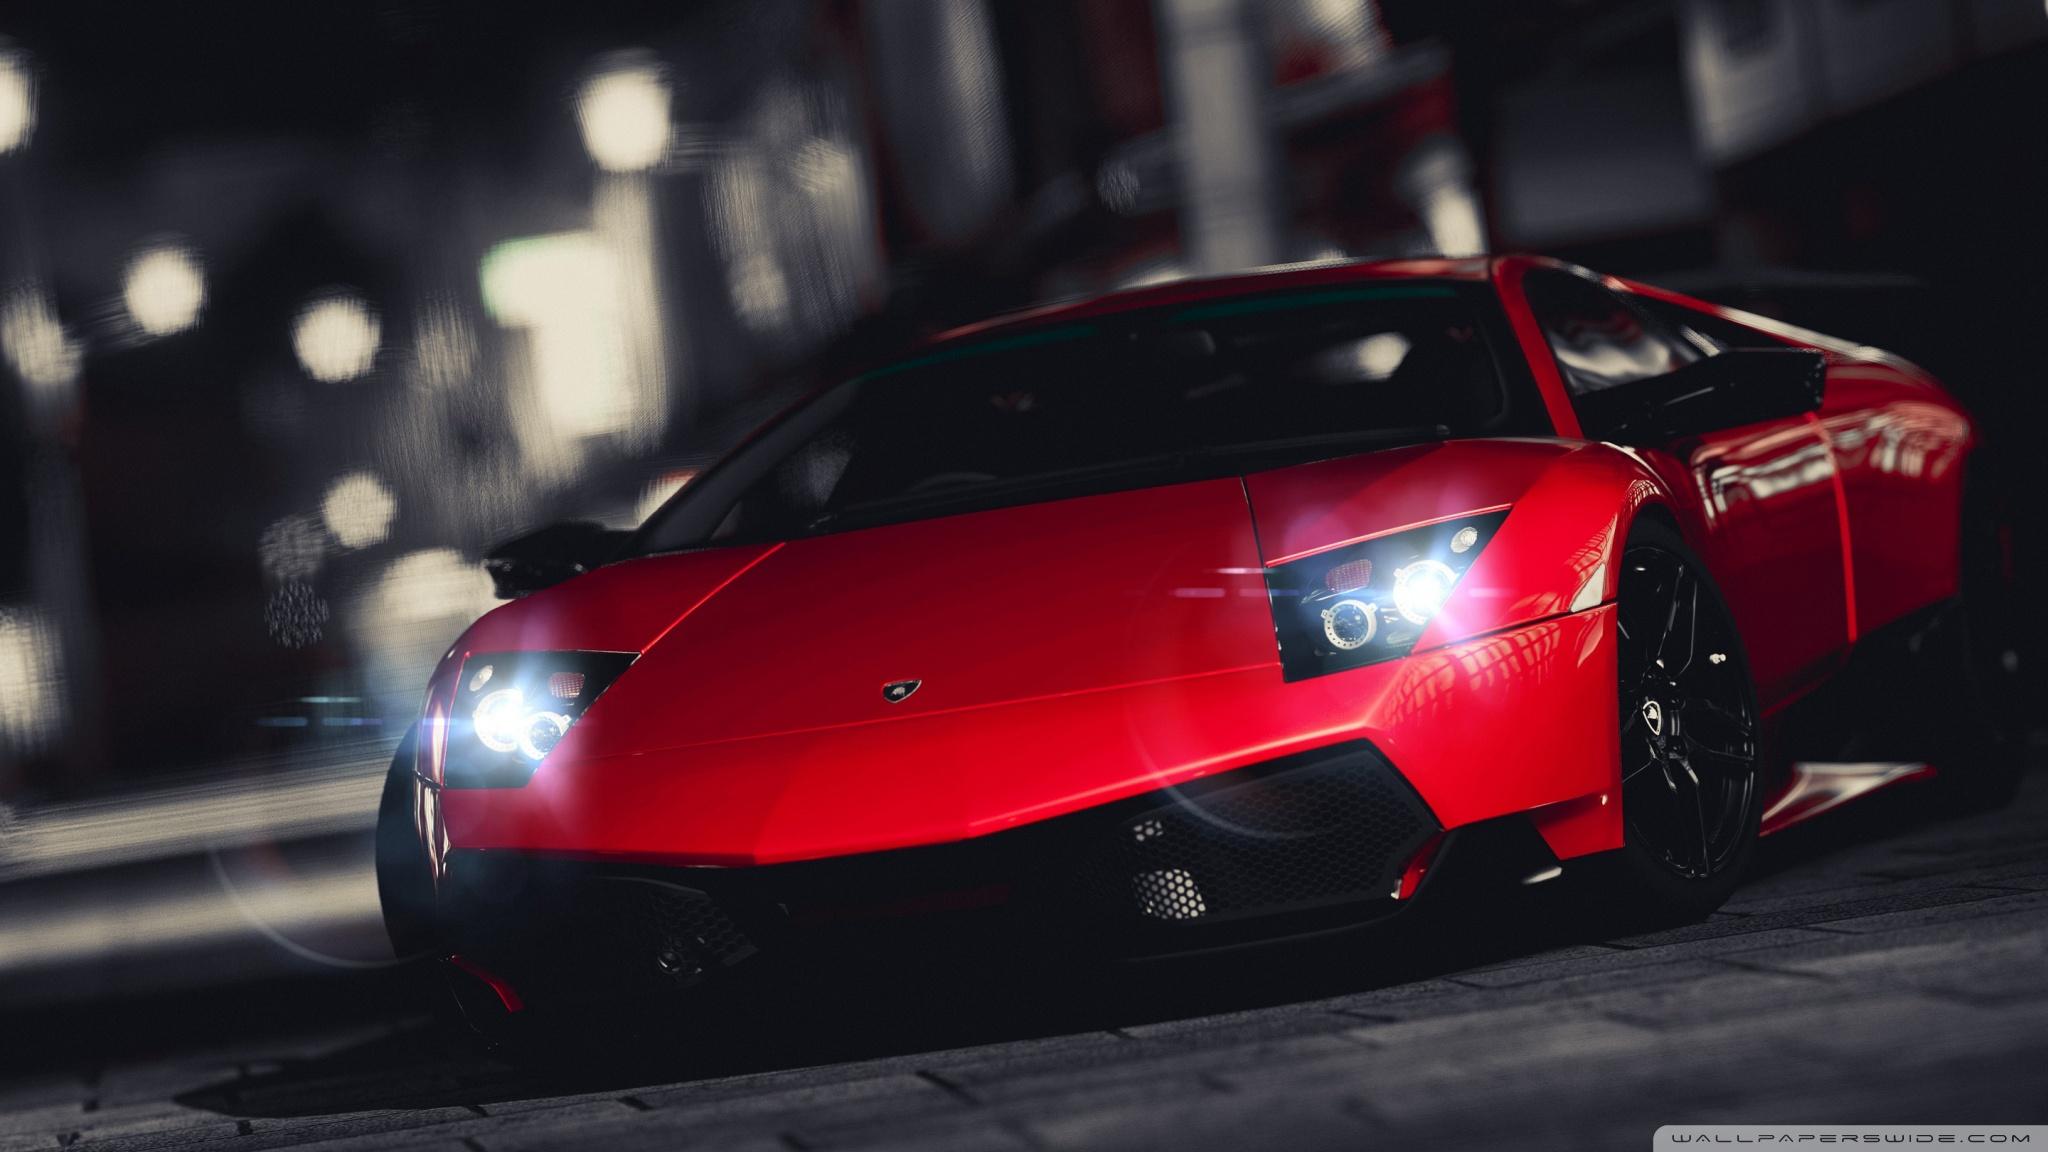 Hd Wallpaper Download Of Super Cars Lamborghini Murcielago Superveloce 4k Hd Desktop Wallpaper